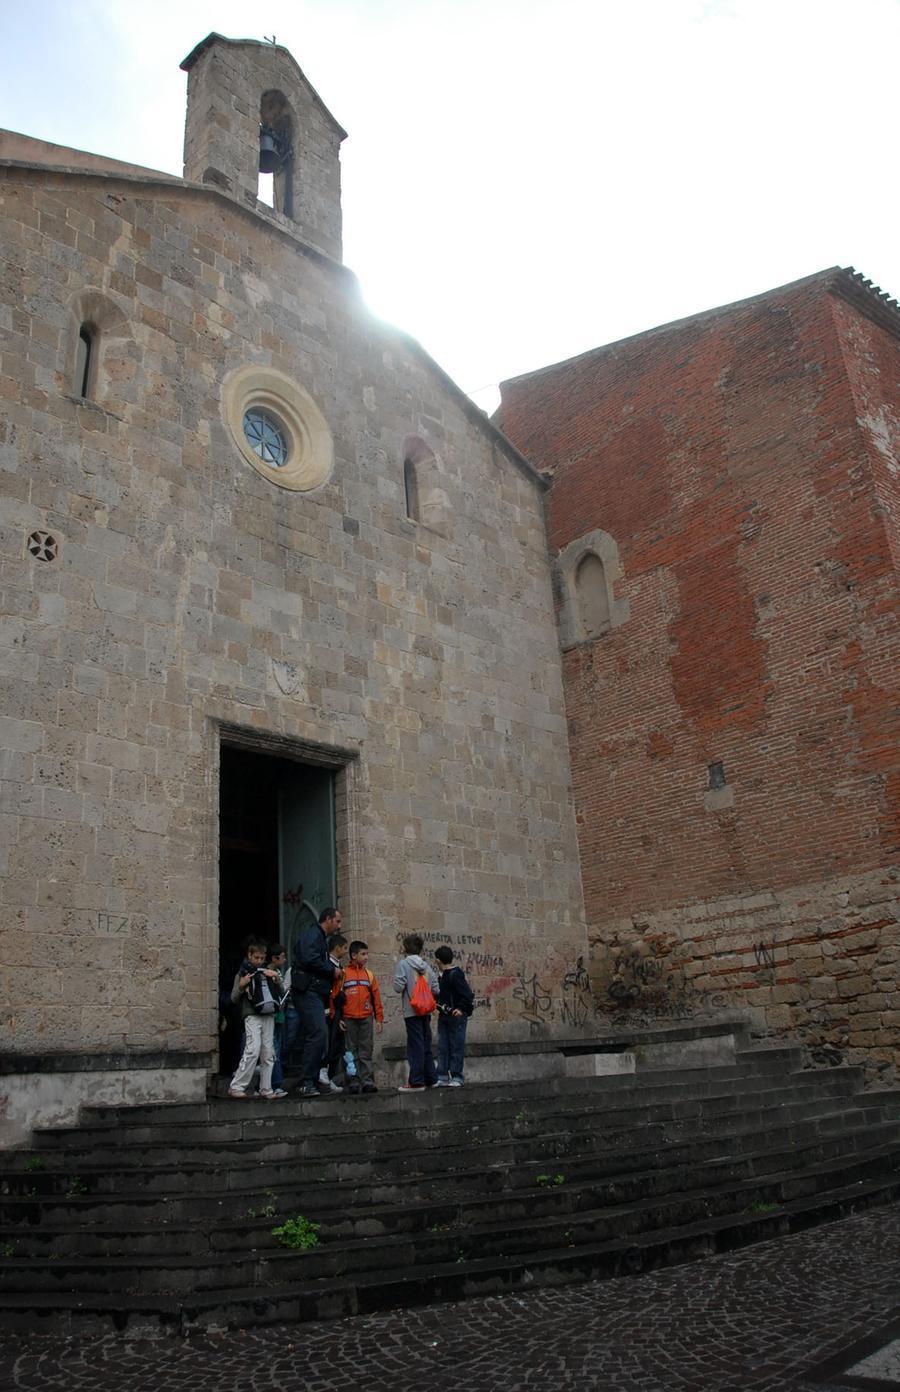 Oristano. monumenti aperti.santa chiara 17-10-09. Foto Alessandra Chergia